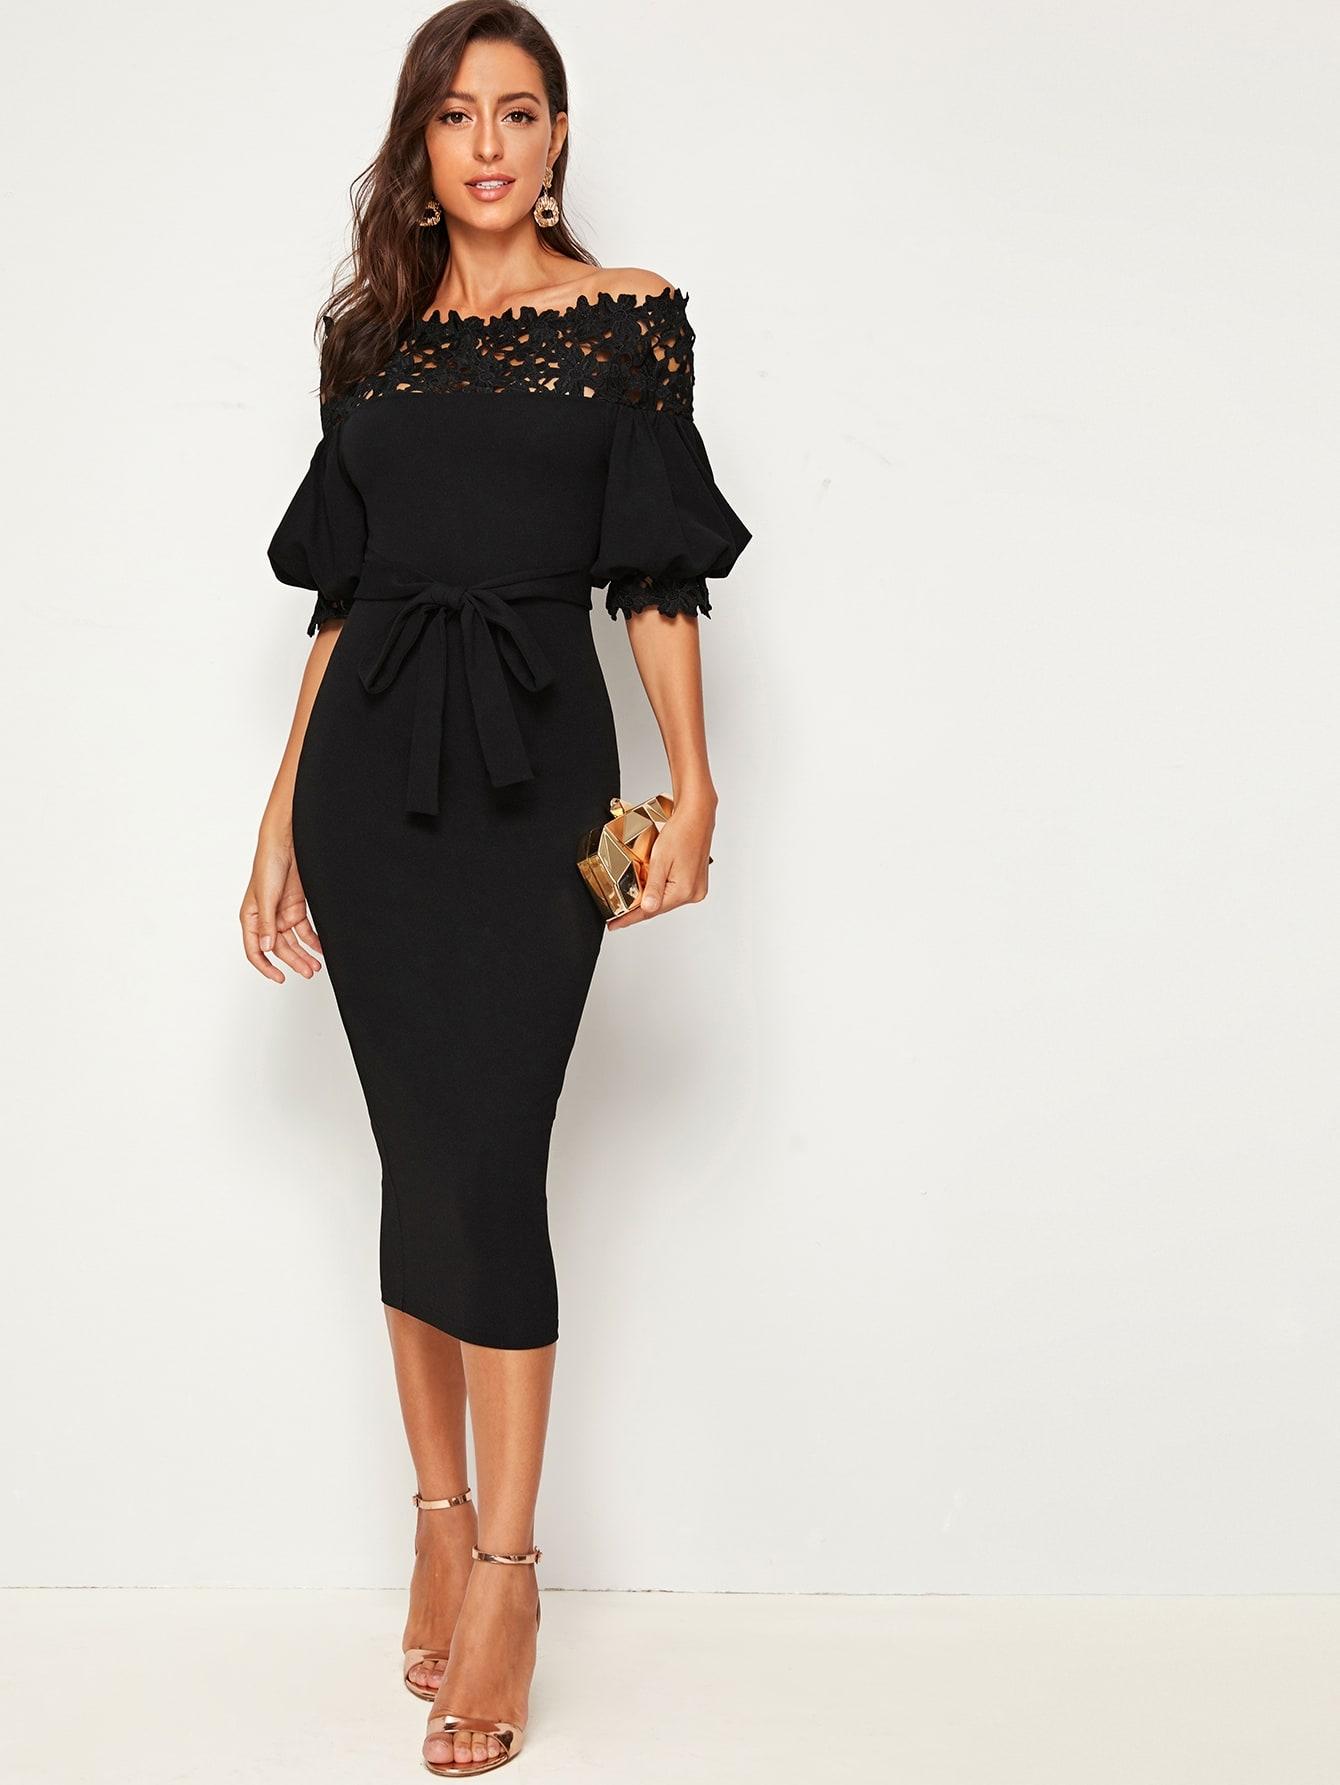 Платье-карандаш с пышными рукавами, кружевом и поясом